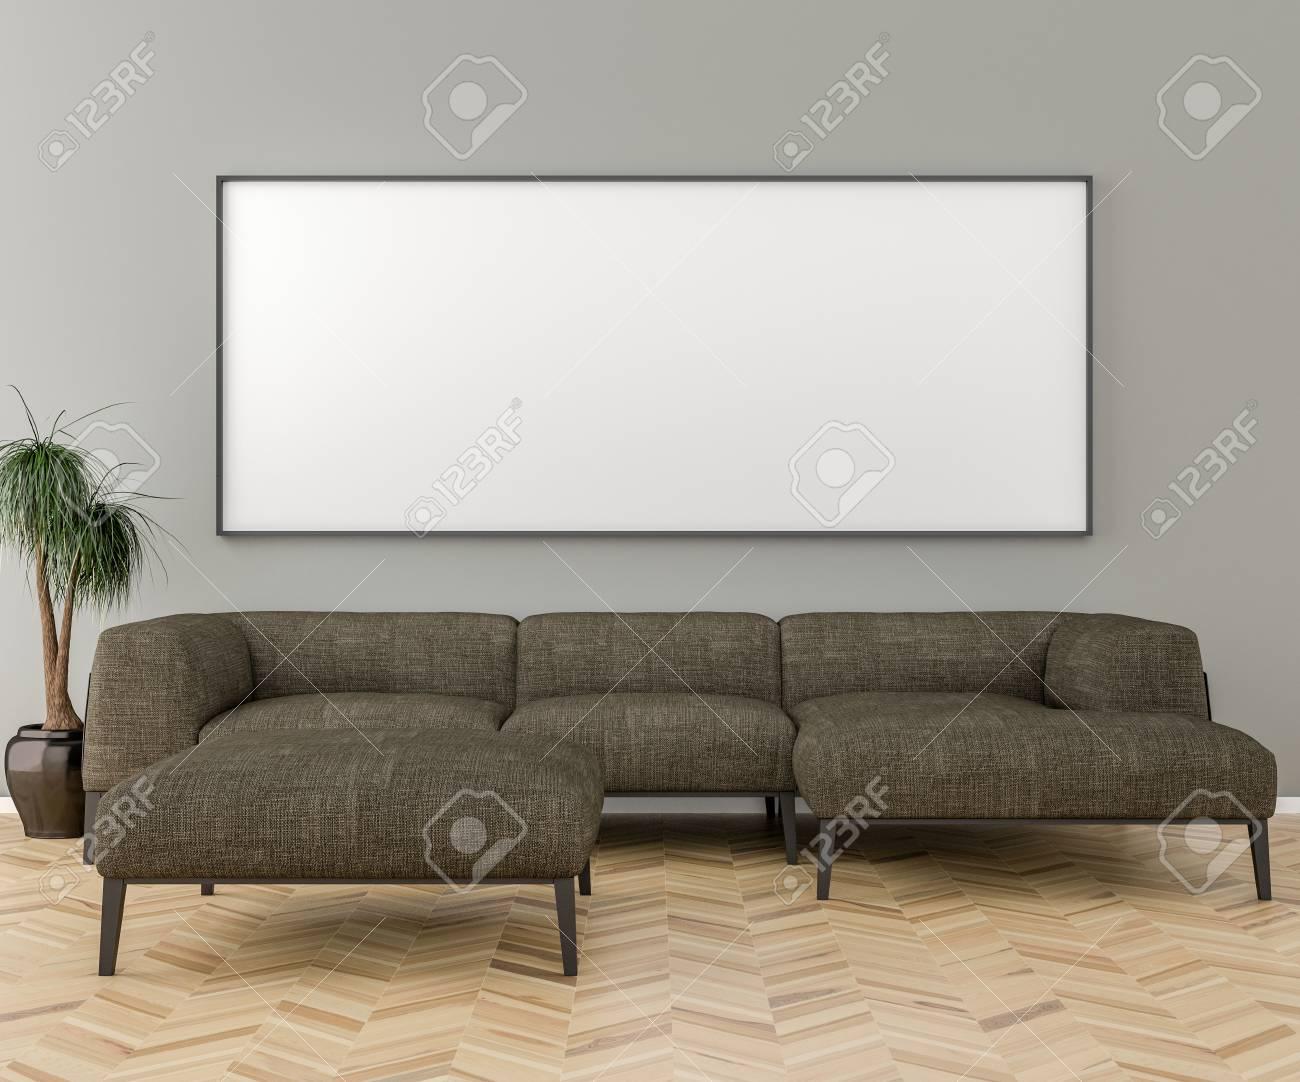 Blank Bilderrahmen An Der Wand Im Wohnzimmer. Inneneinrichtung Und Großes  Sofa. 3D übertragen Standard